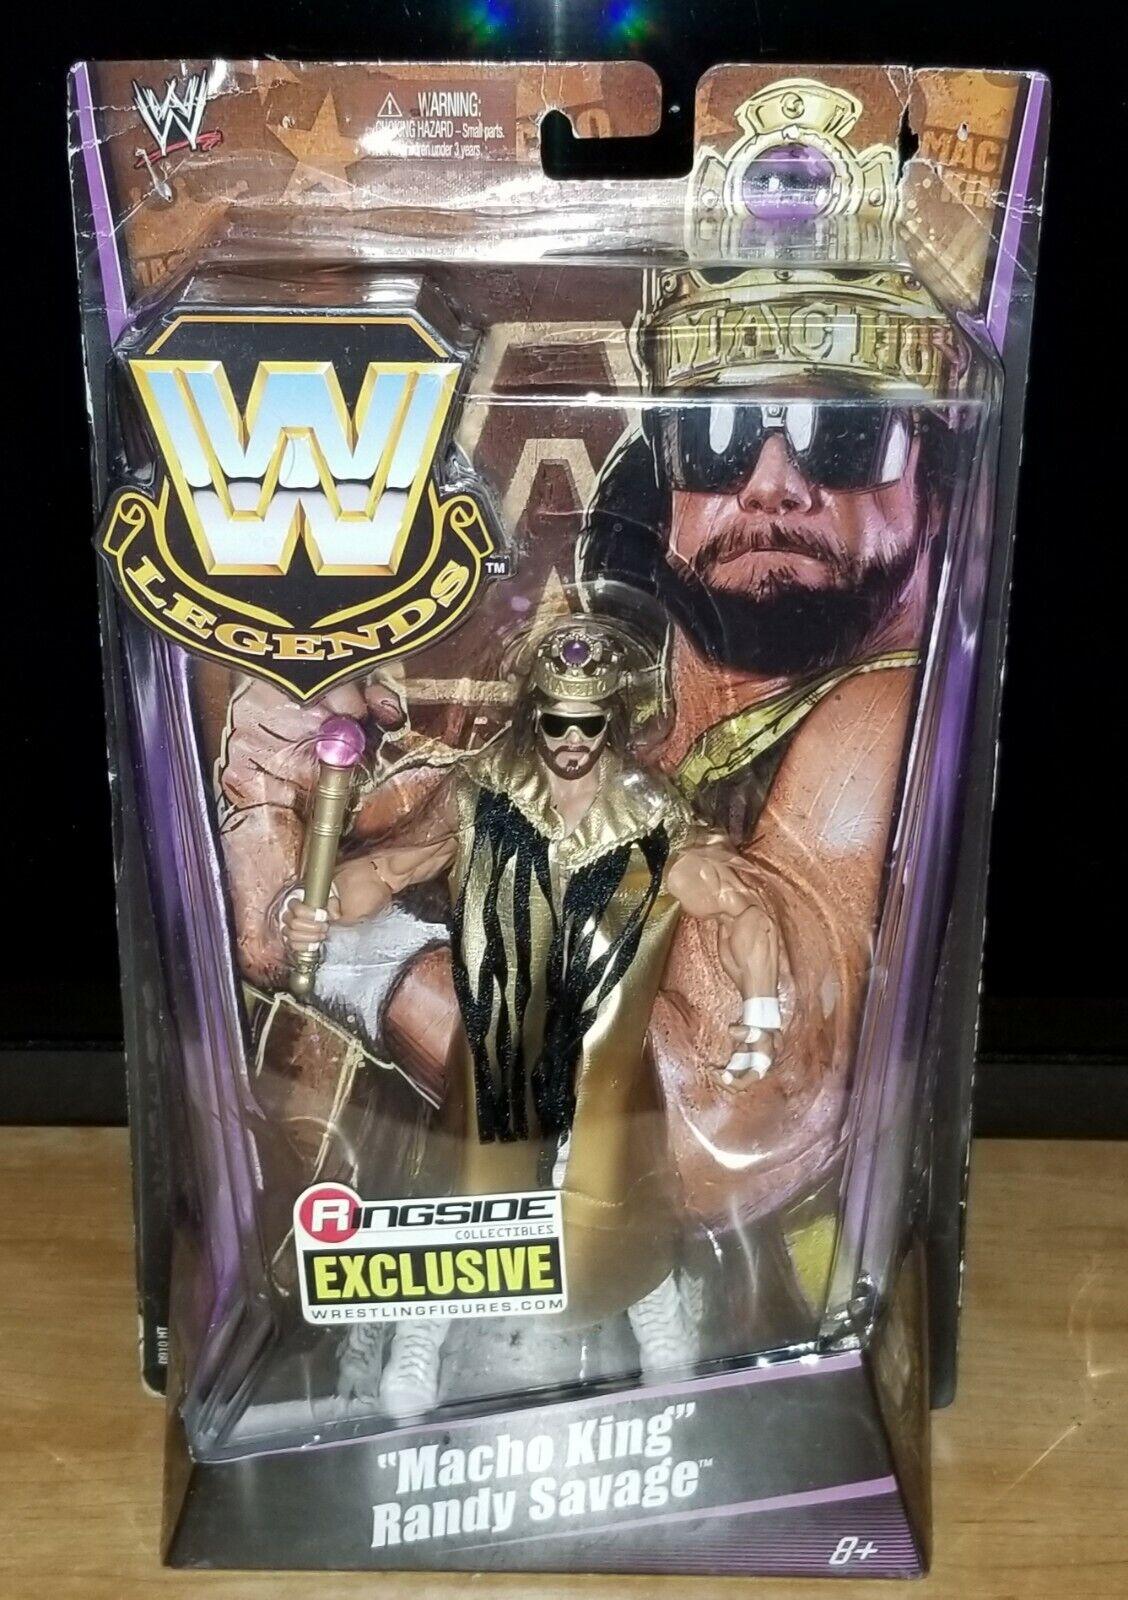 WWEマテルエリートレジェンドリングサイド排他的なマッチョマン